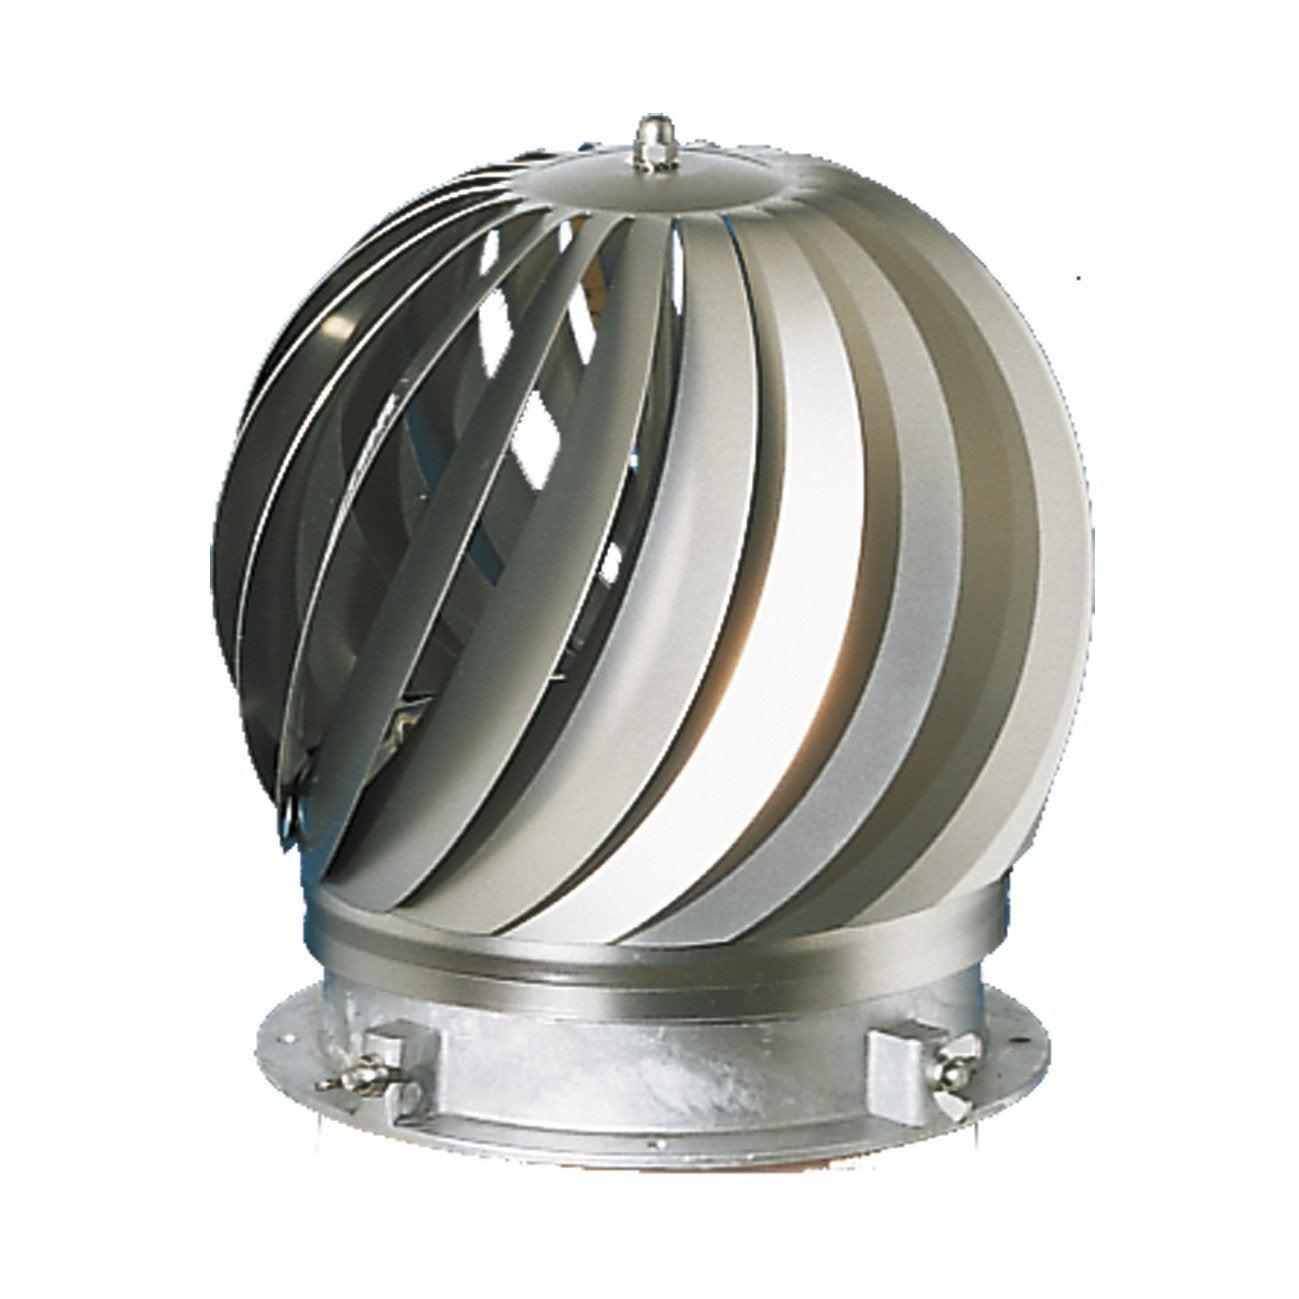 Chapeau aspirateur poujoulat 175 mm leroy merlin - Prix pellets leroy merlin ...